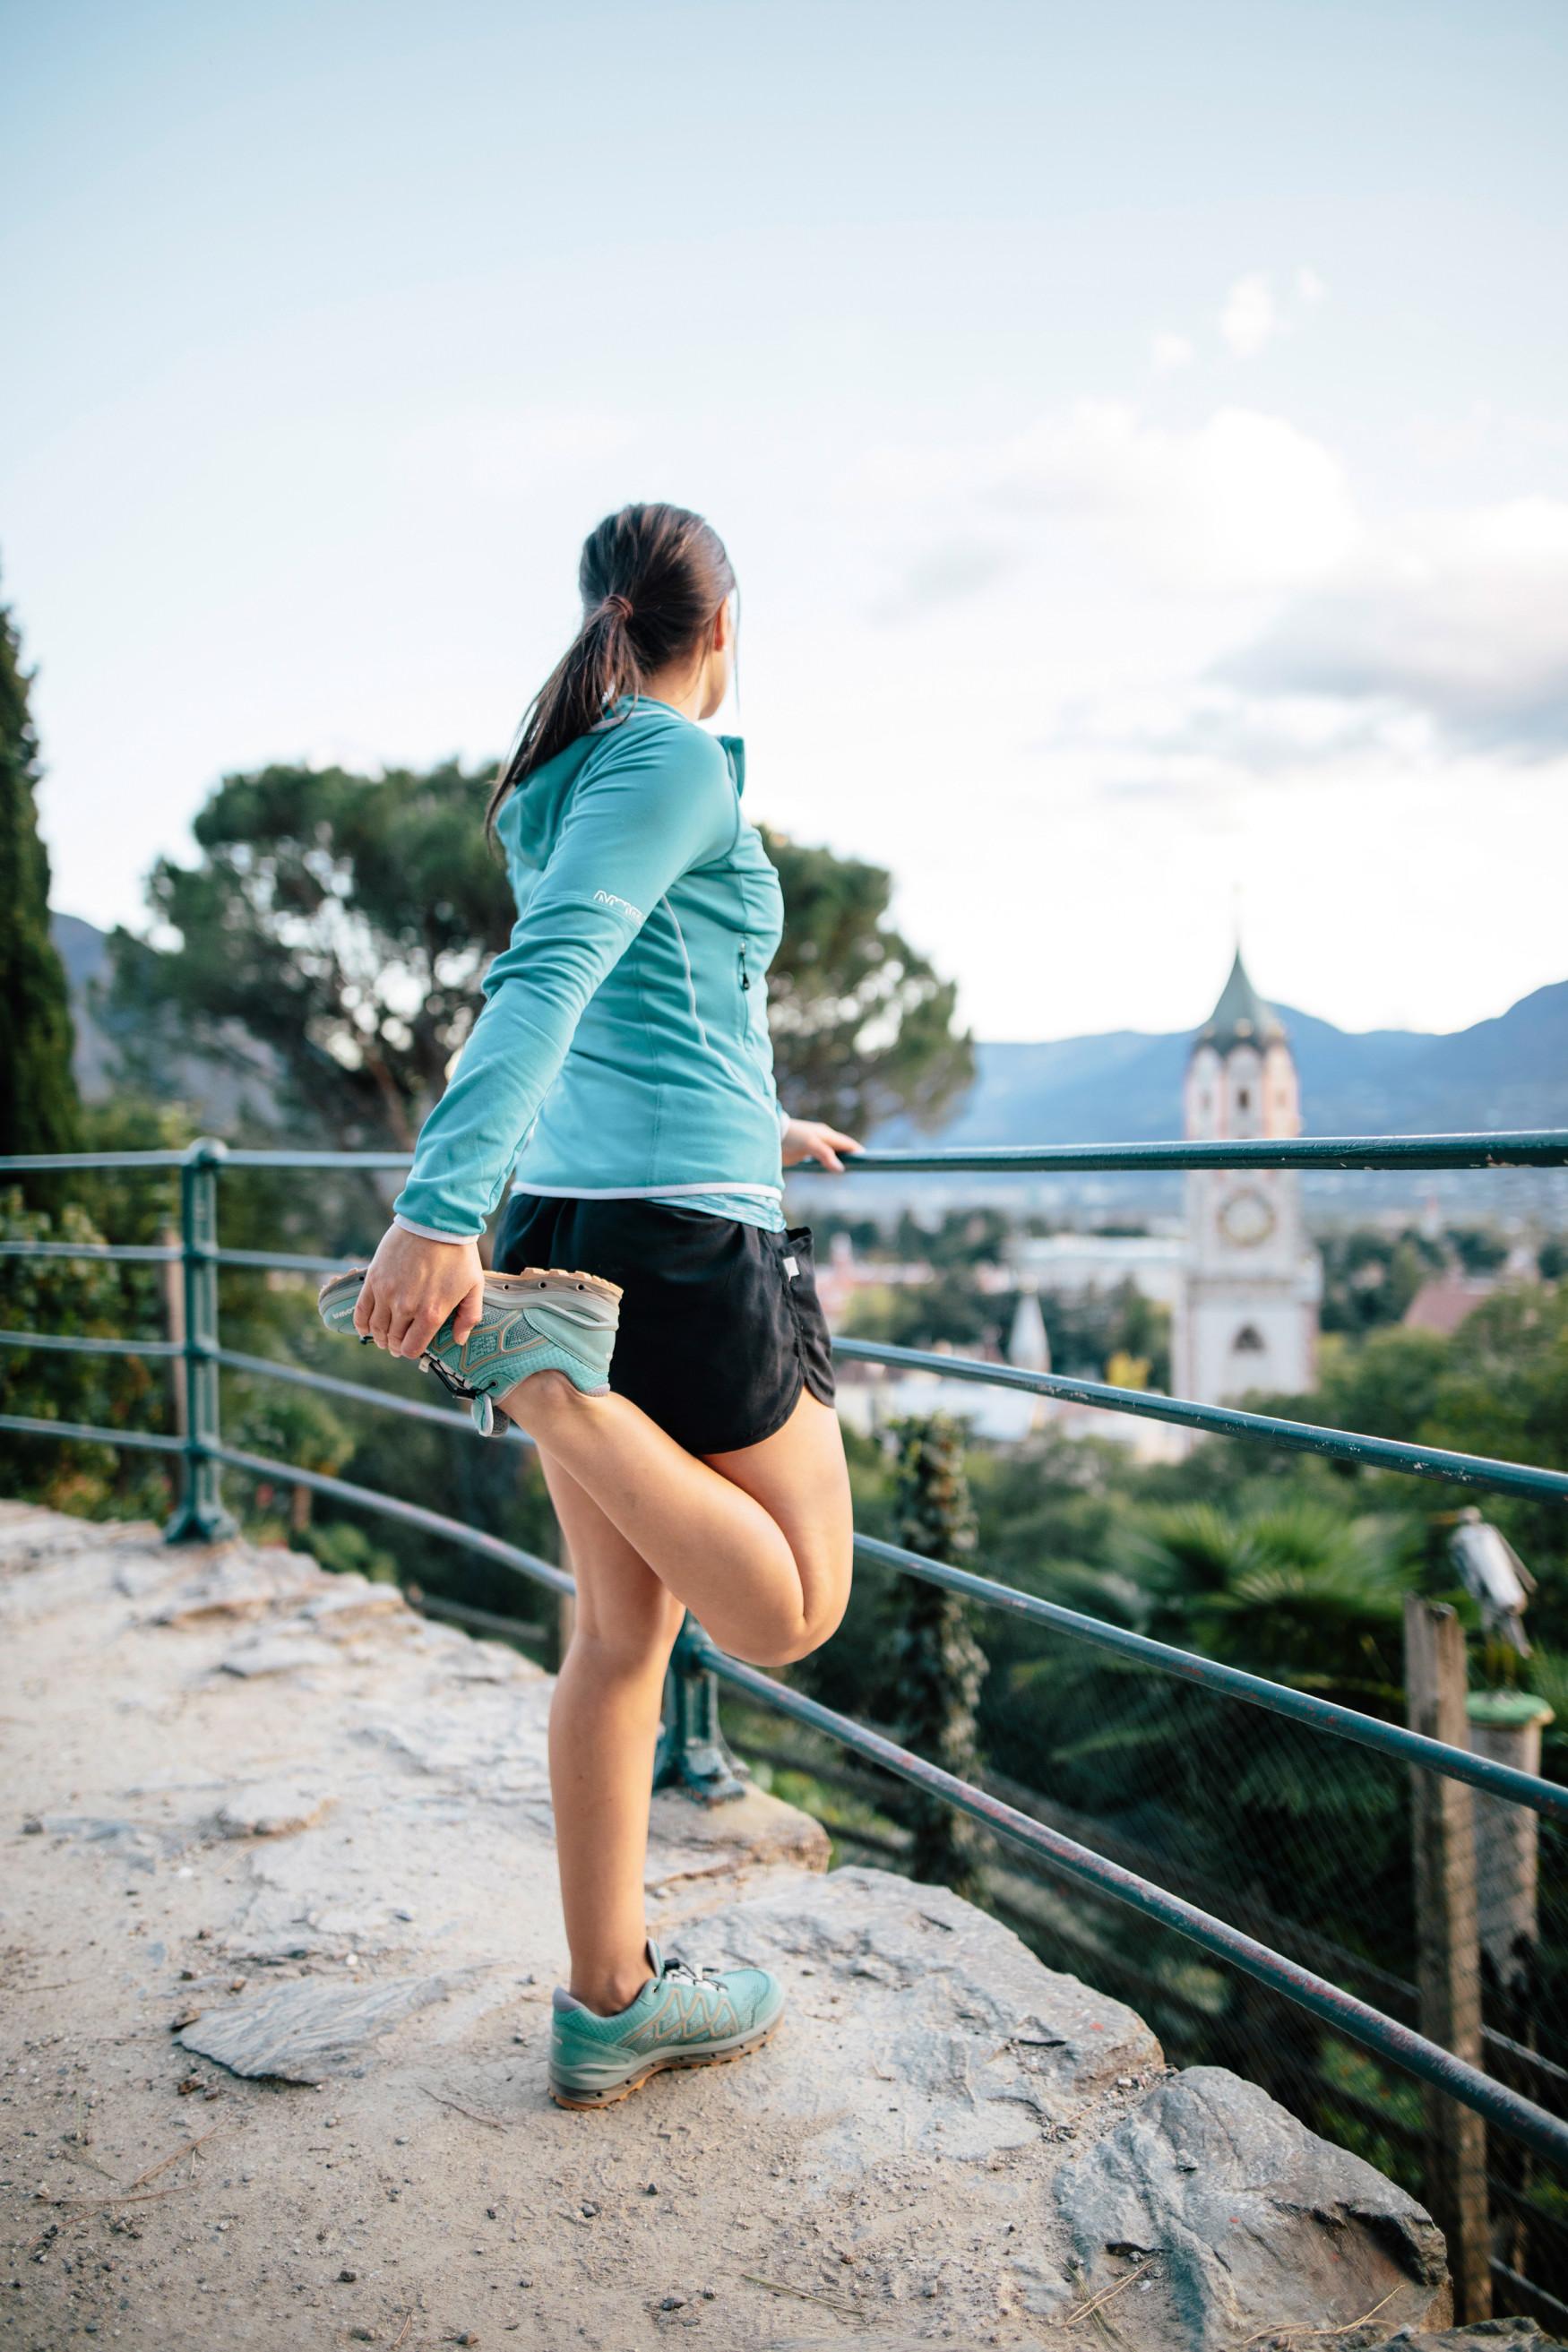 Wie op zoek is naar een lichte, flexibele en vooral comfortabele multifunctionele schoen, maakt met de AEROX GTX LO Ws de perfecte keuze. Dankzij de innovatieve GORE-TEX SURROUND®-technologie zijn een optimaal voetklimaat en maximaal draagcomfort te allen tijde gegarandeerd. Om aan de eisen van moderne outdoorsporters te voldoen, is de sportieve alleskunner voor vrouwen ook uitgerust met dempend LOWA DynaPU®, een stabilizer-frame en de LOWA MONOWRAP®.